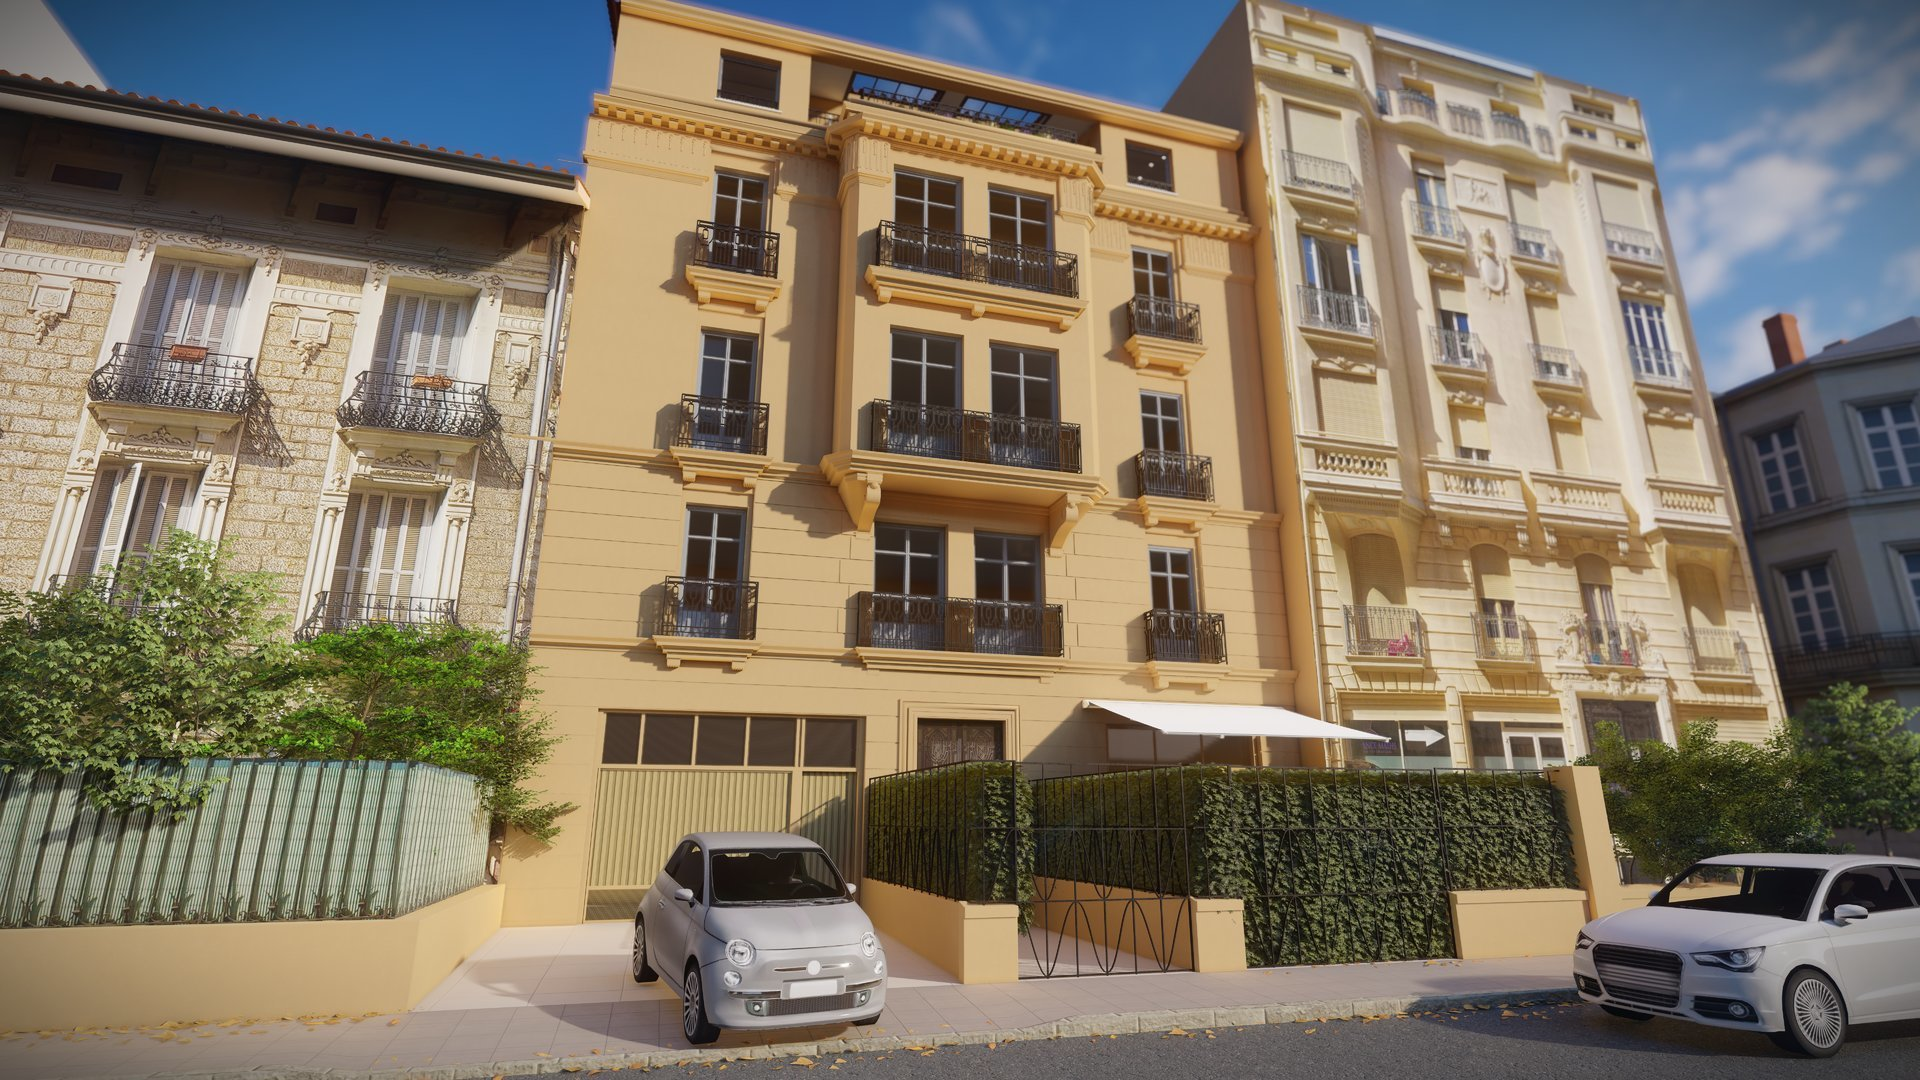 Försäljning Lägenhet - Nice Carabacel